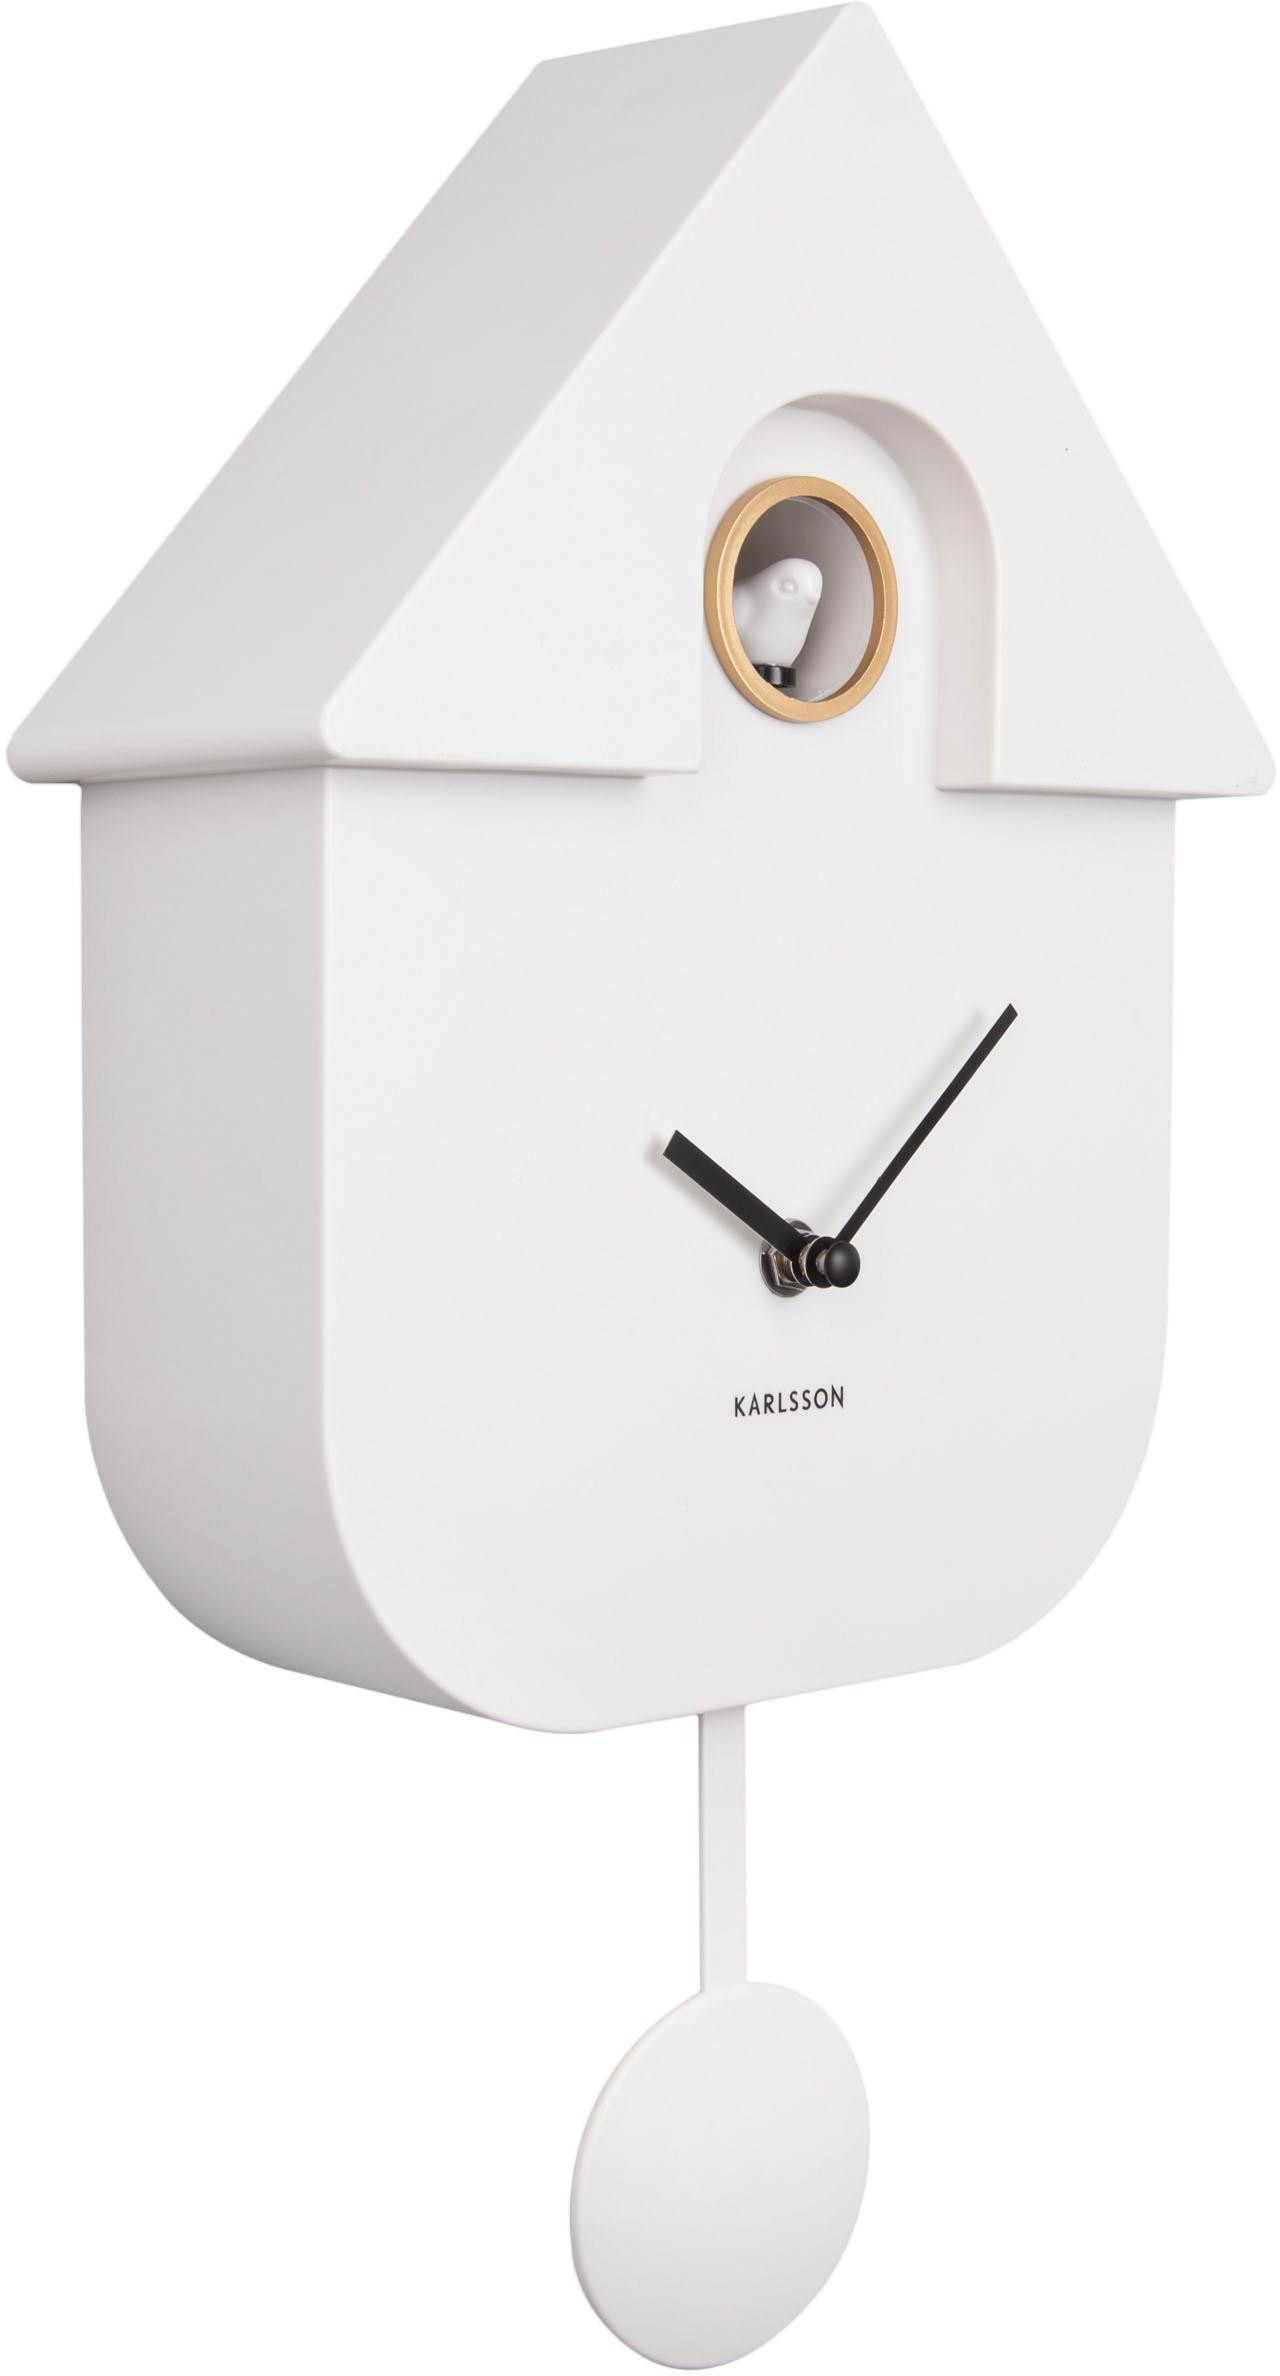 Wanduhr Modern Cuckoo, Kunststoff, Weiß, Schwarz, 22 x 41 cm